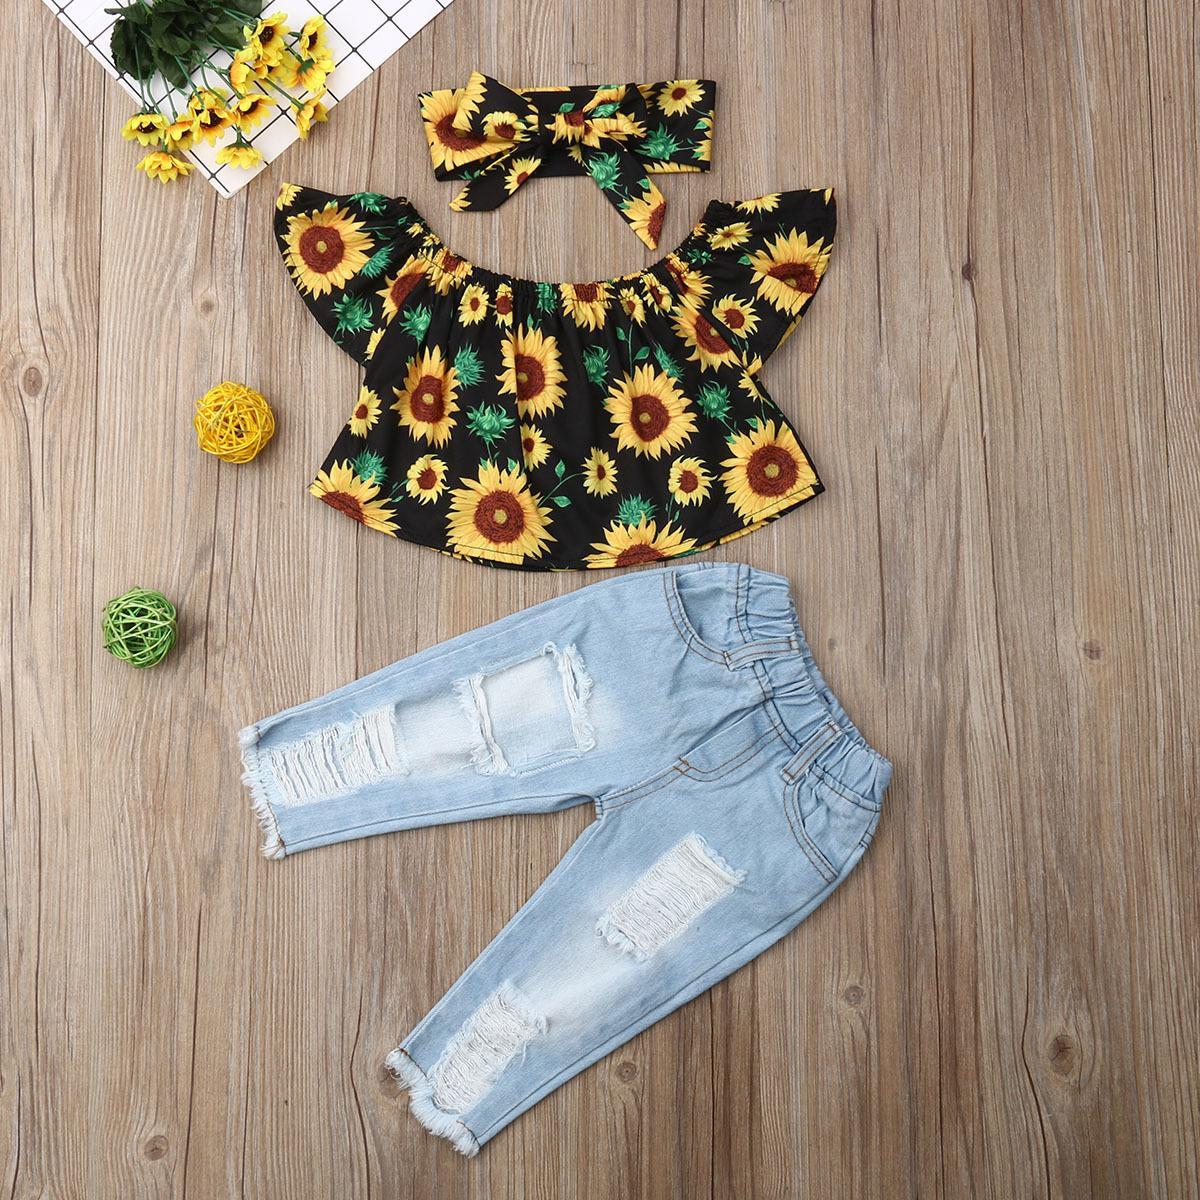 Pudcoco Toddler Baby Girl Vestiti fuori spalla Sunflower Stampa Top Strappato Denim Pantaloni Denim Fascia 3pcs Abiti Vestiti estivi Y200829